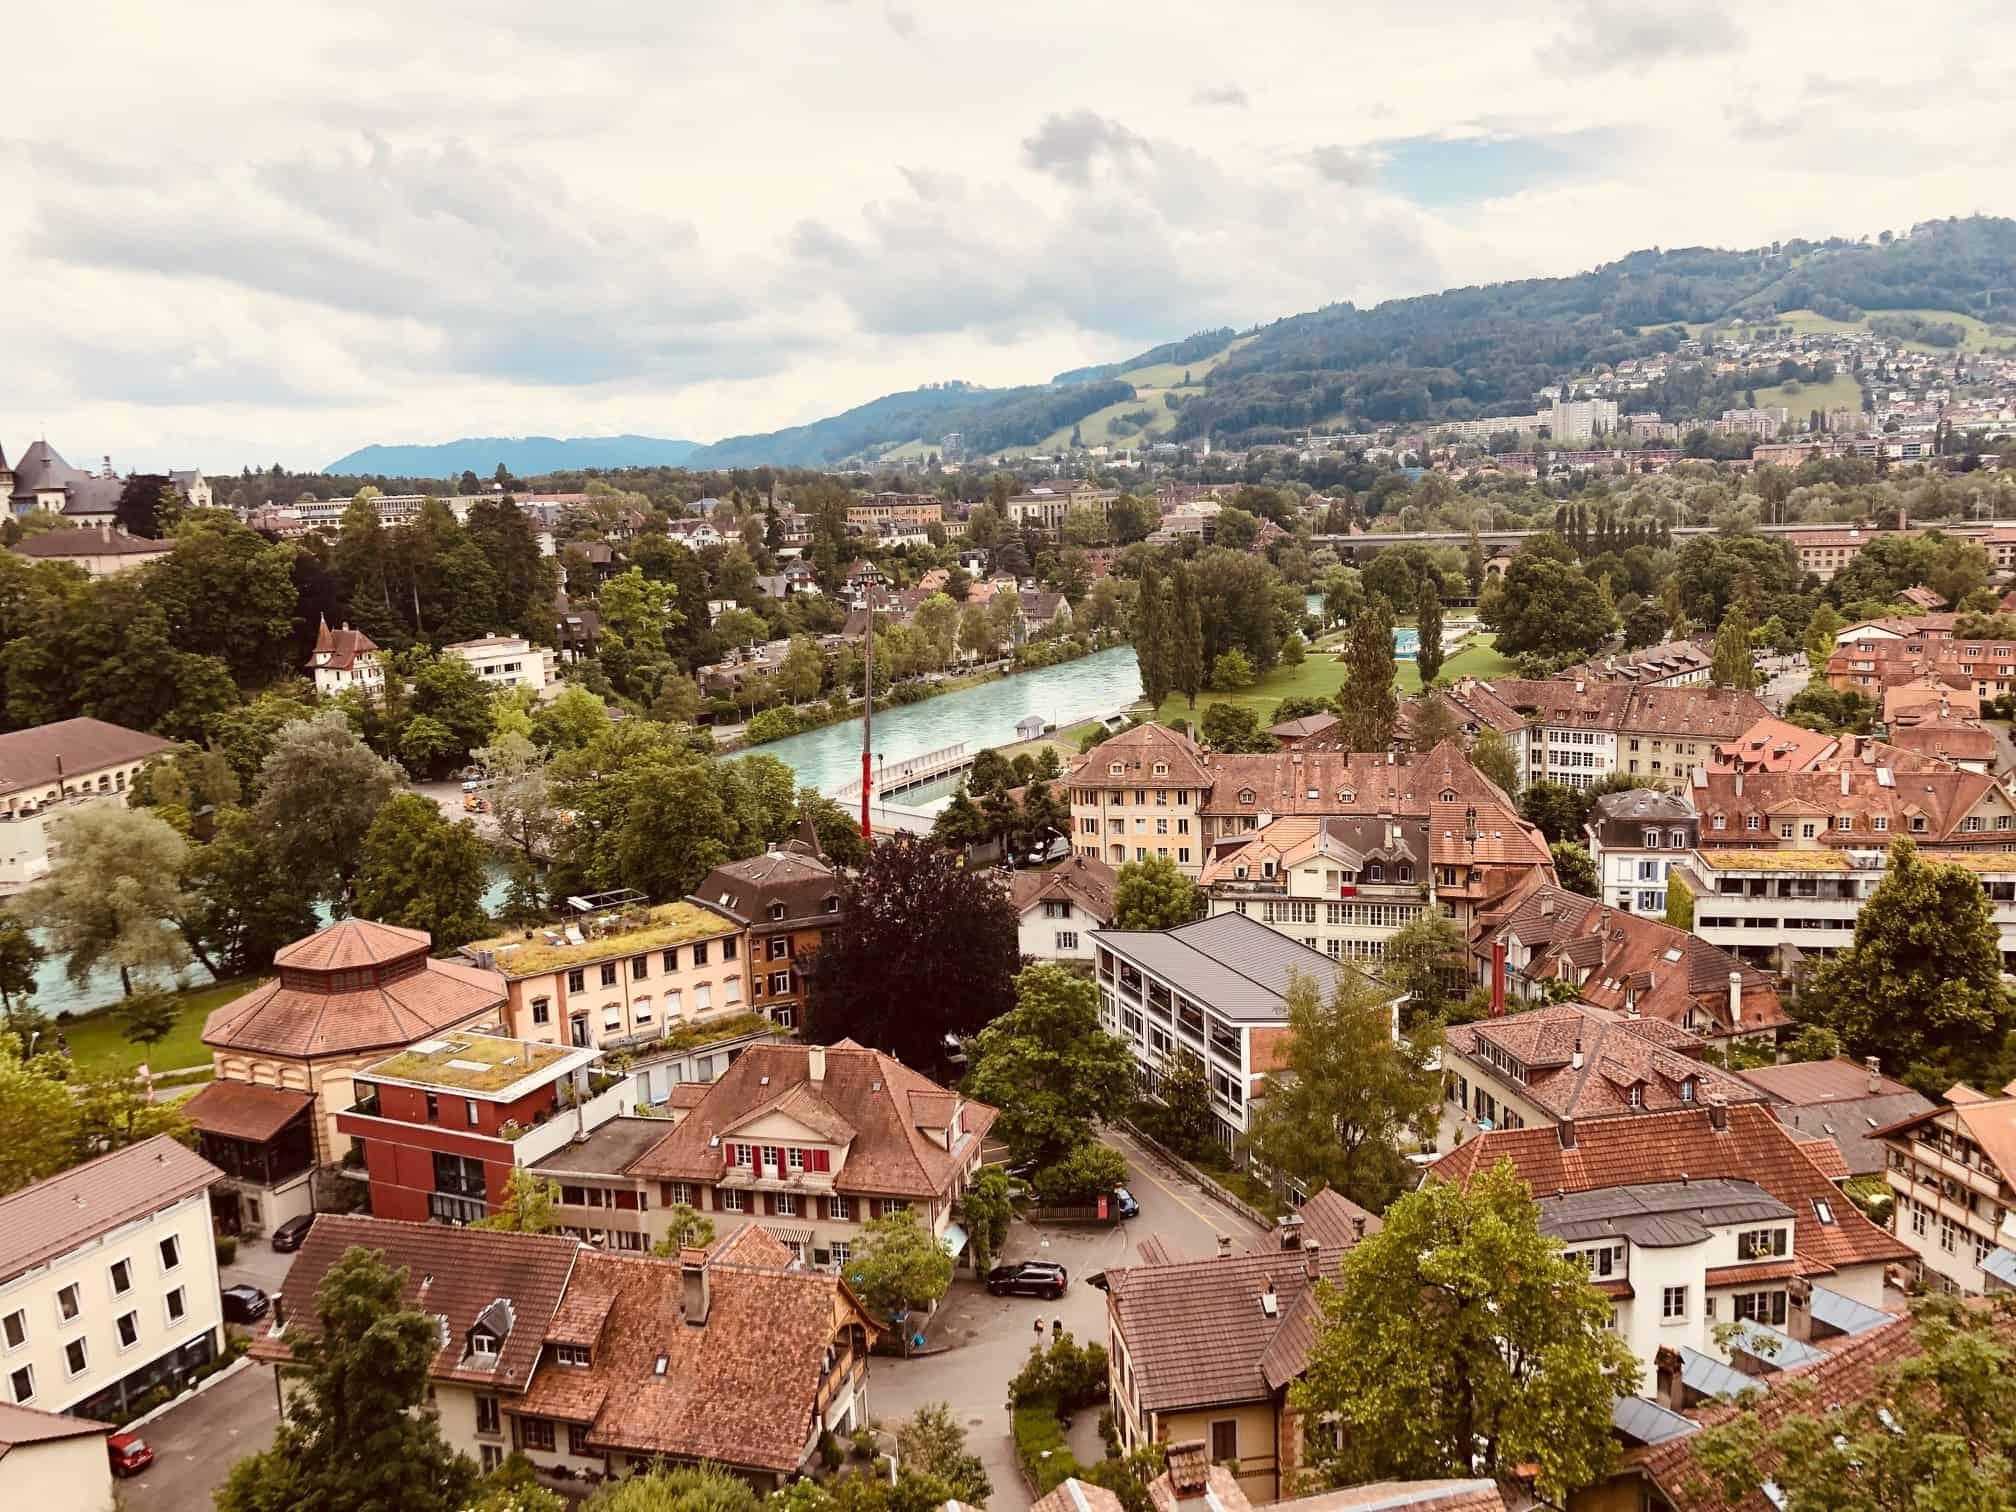 Blick über die Altstadt und Aare